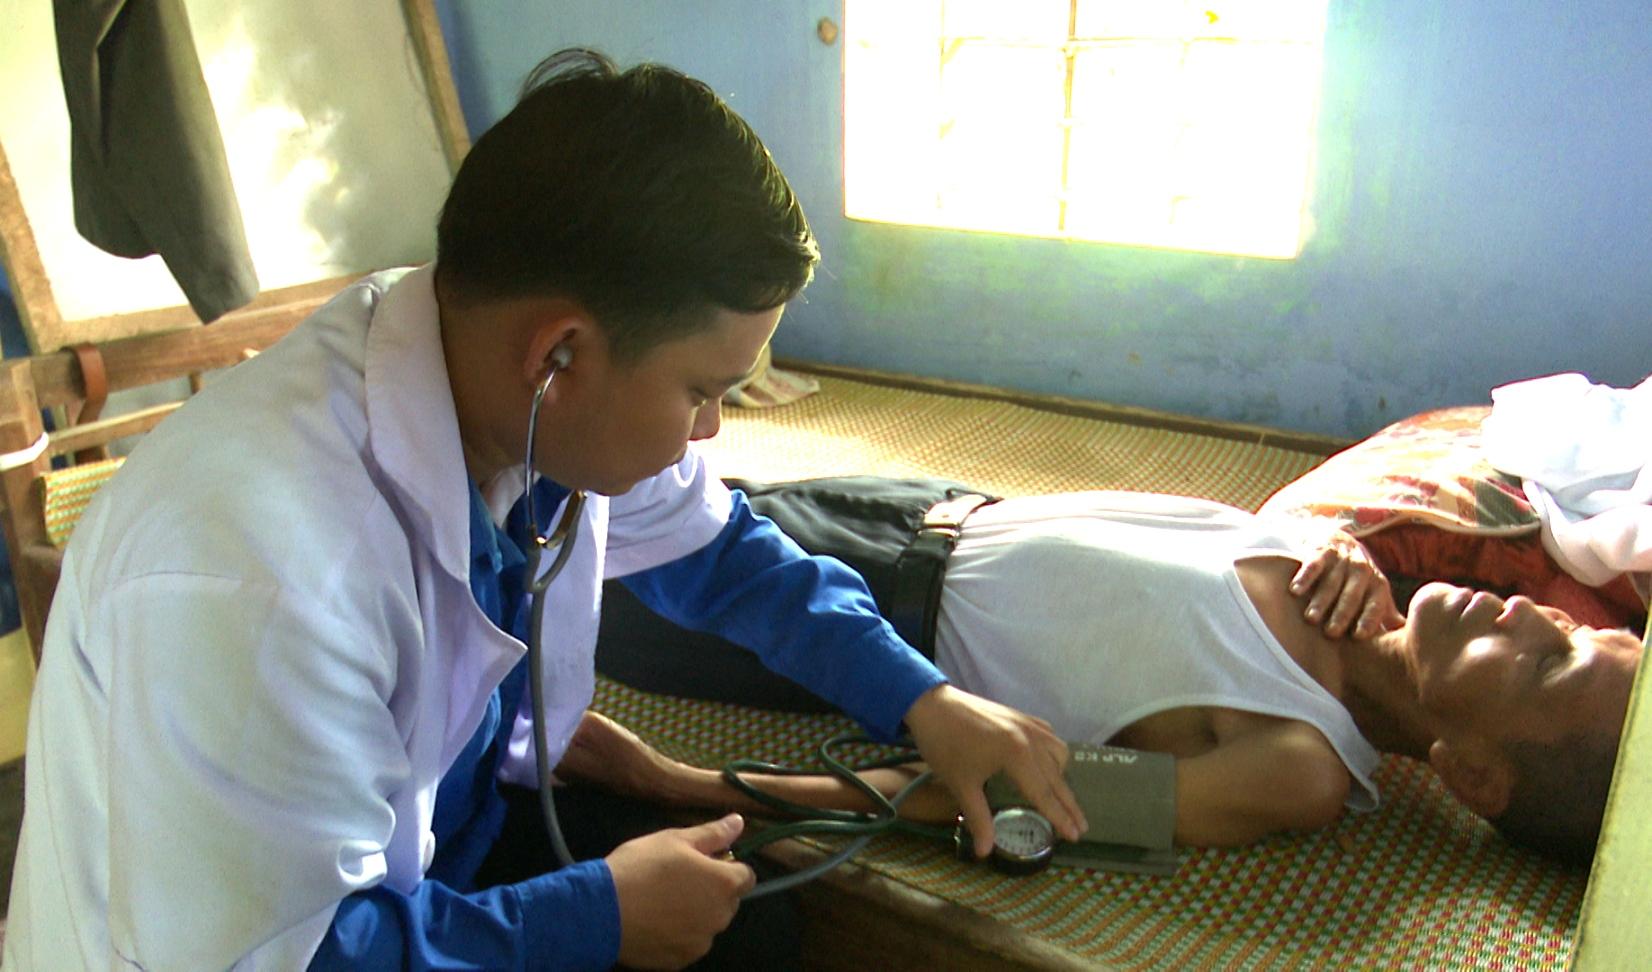 Đoàn viên Chi đoàn Trung tâm Y tế huyện Nông Sơn khám và  cấp thuốc miễn phí cho người có công cách mạng. Ảnh: VINH THÔNG